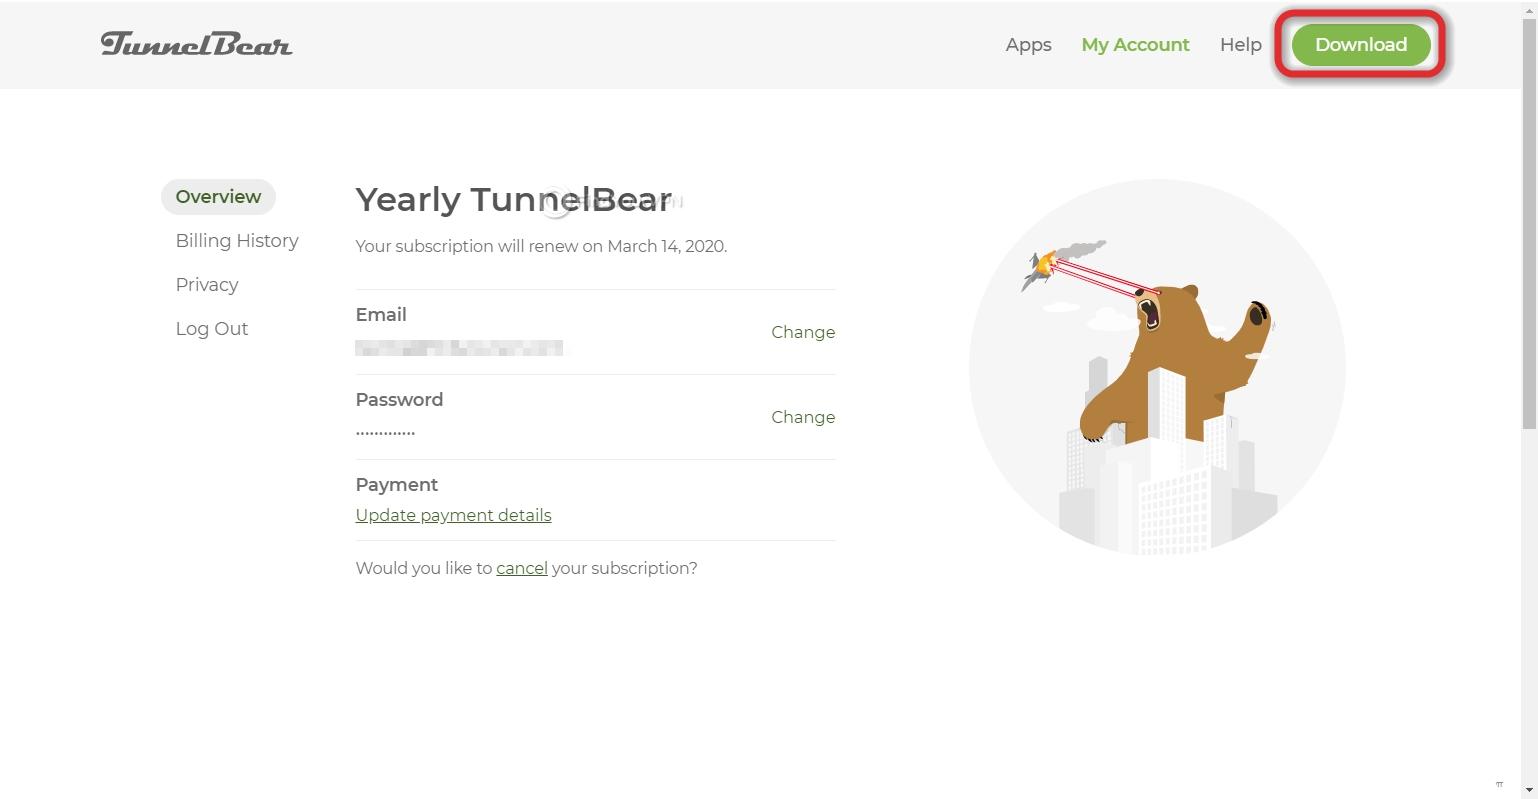 TunnelBear's dashboard